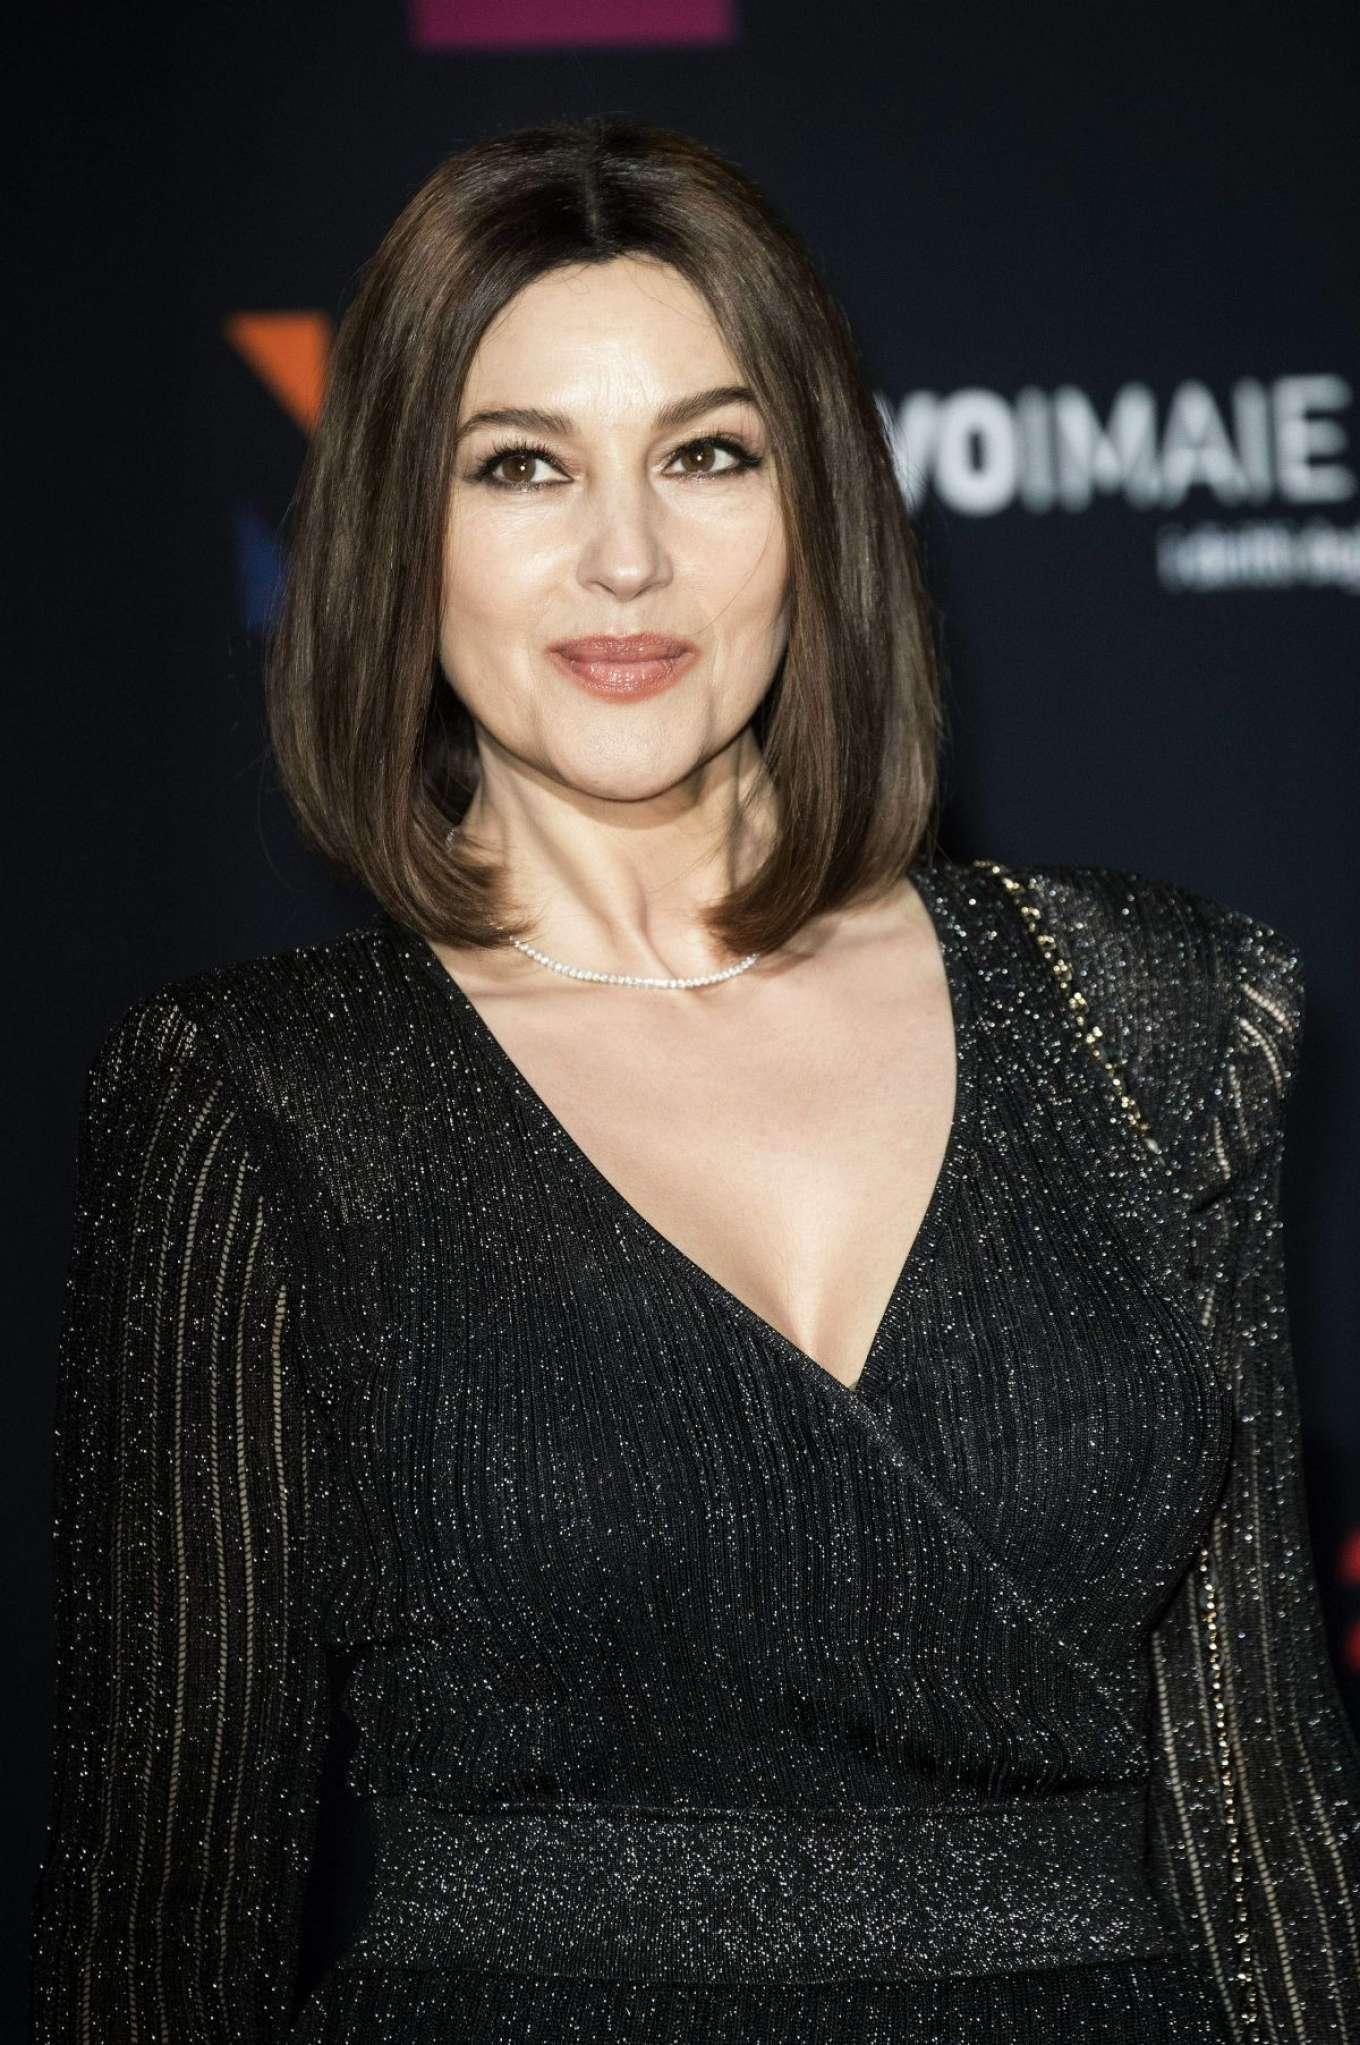 Monica Bellucci - David Di Donatello Award Ceremony 2018 in Rome